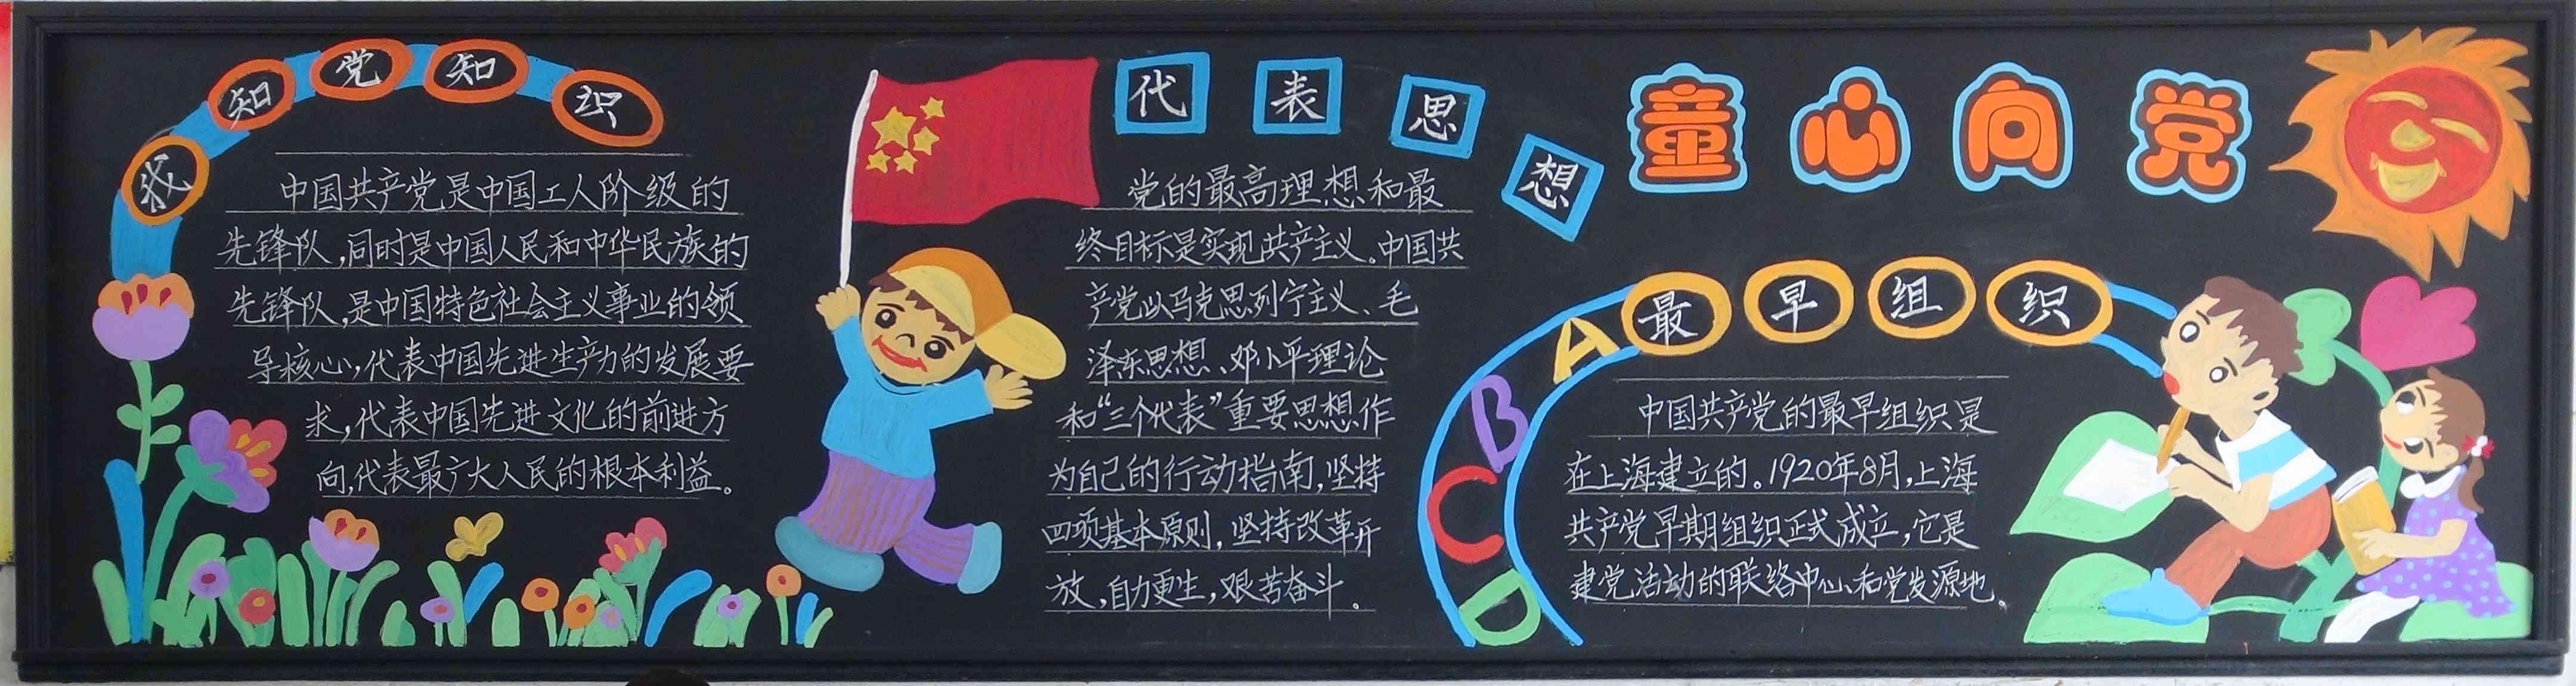 童心向党黑板报; 初中黑板报设计模板分享; 中国梦青年梦黑板报图片